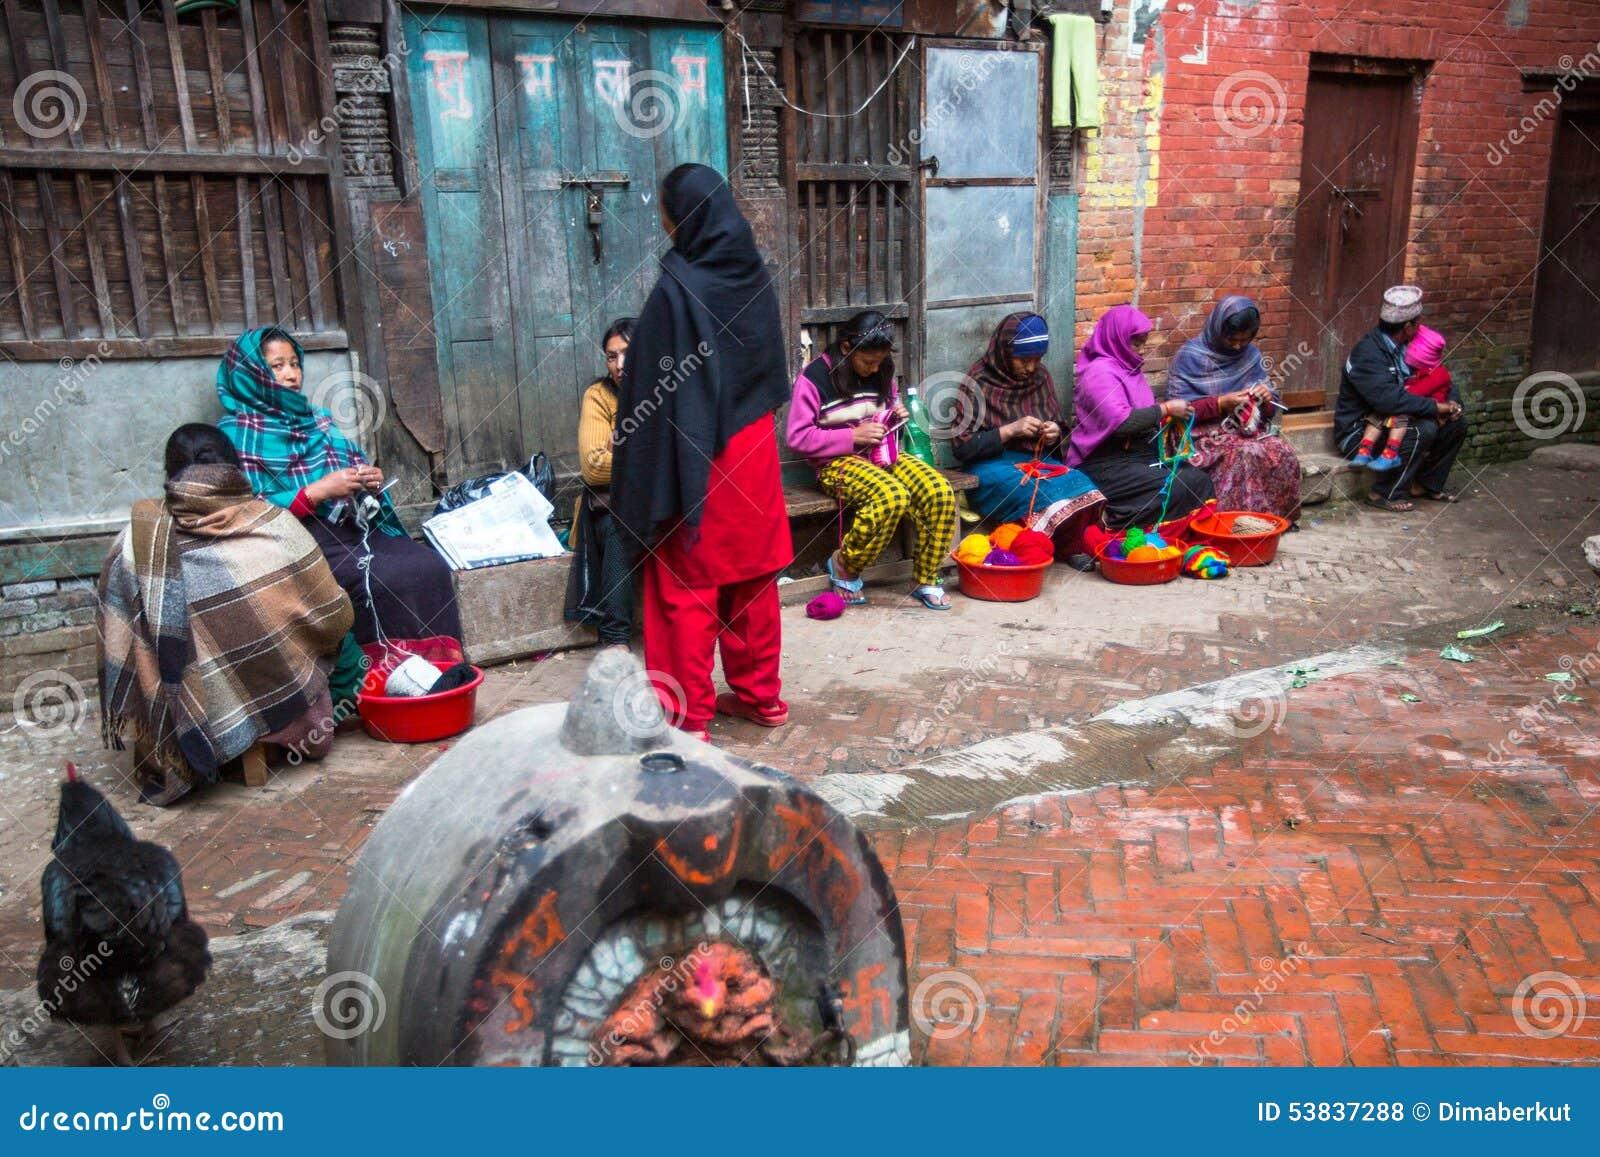 De Ocalmensen zitten in de straat Het kastesysteem is vandaag nog intact maar de regels zijn niet zo stijf aangezien zij in het v